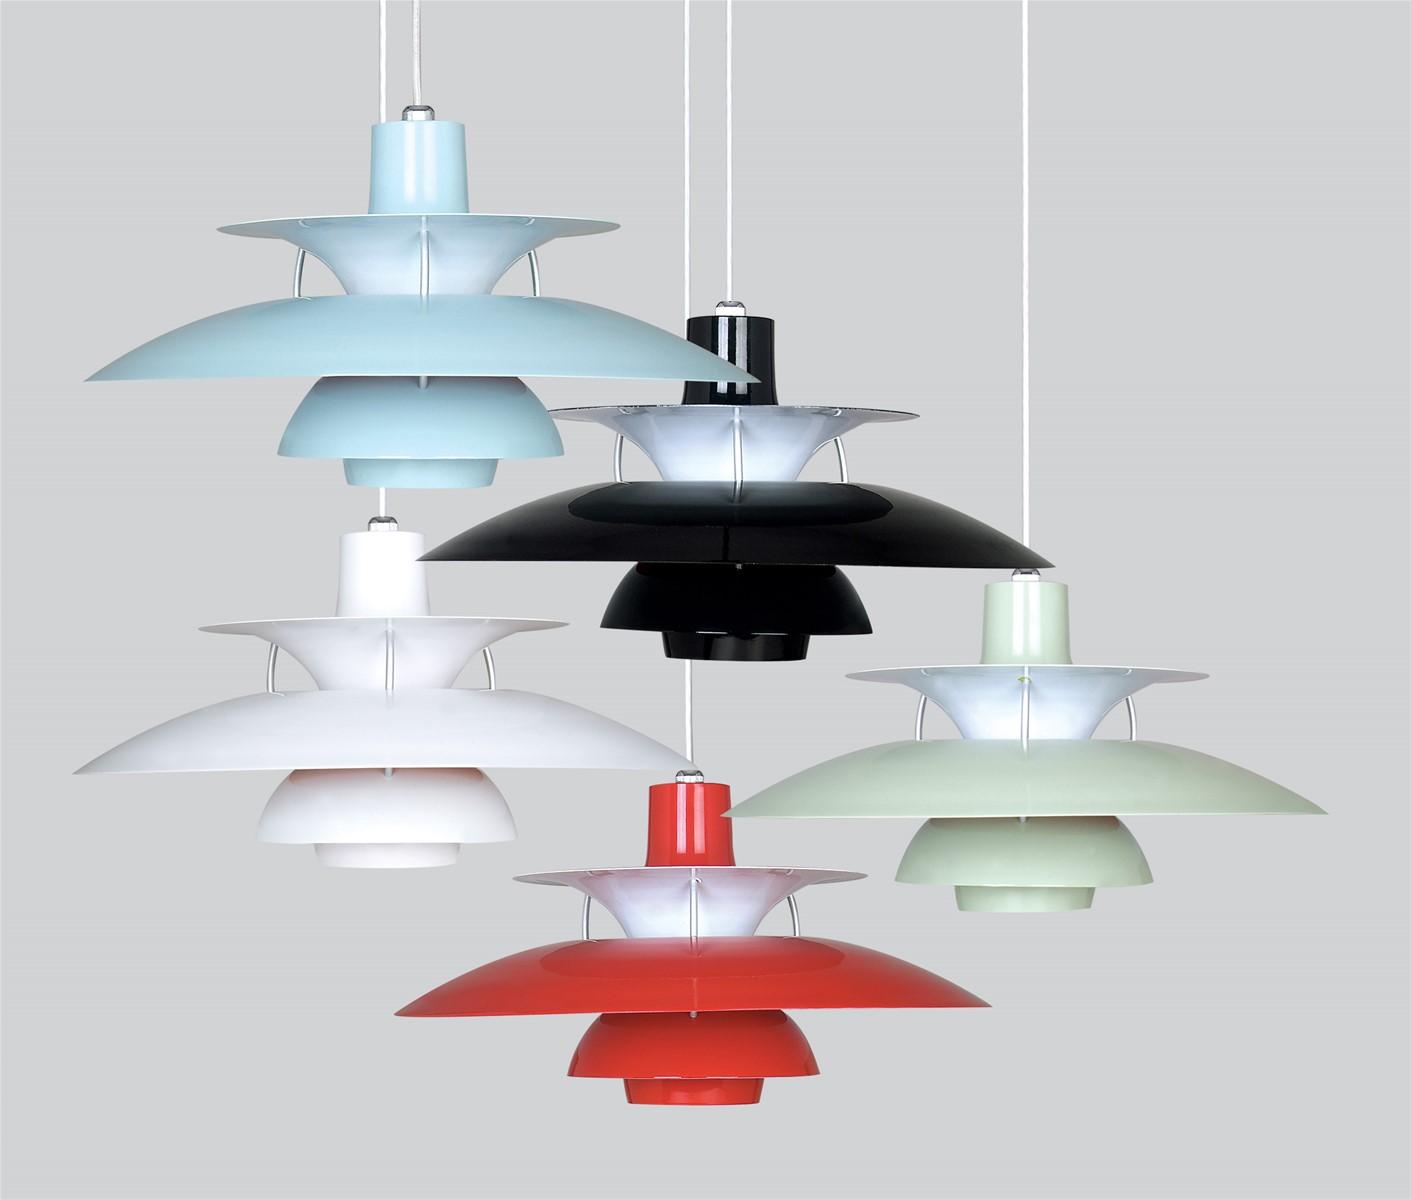 Louis Poulsen PH 5 & PH 50 Pendant Lamp